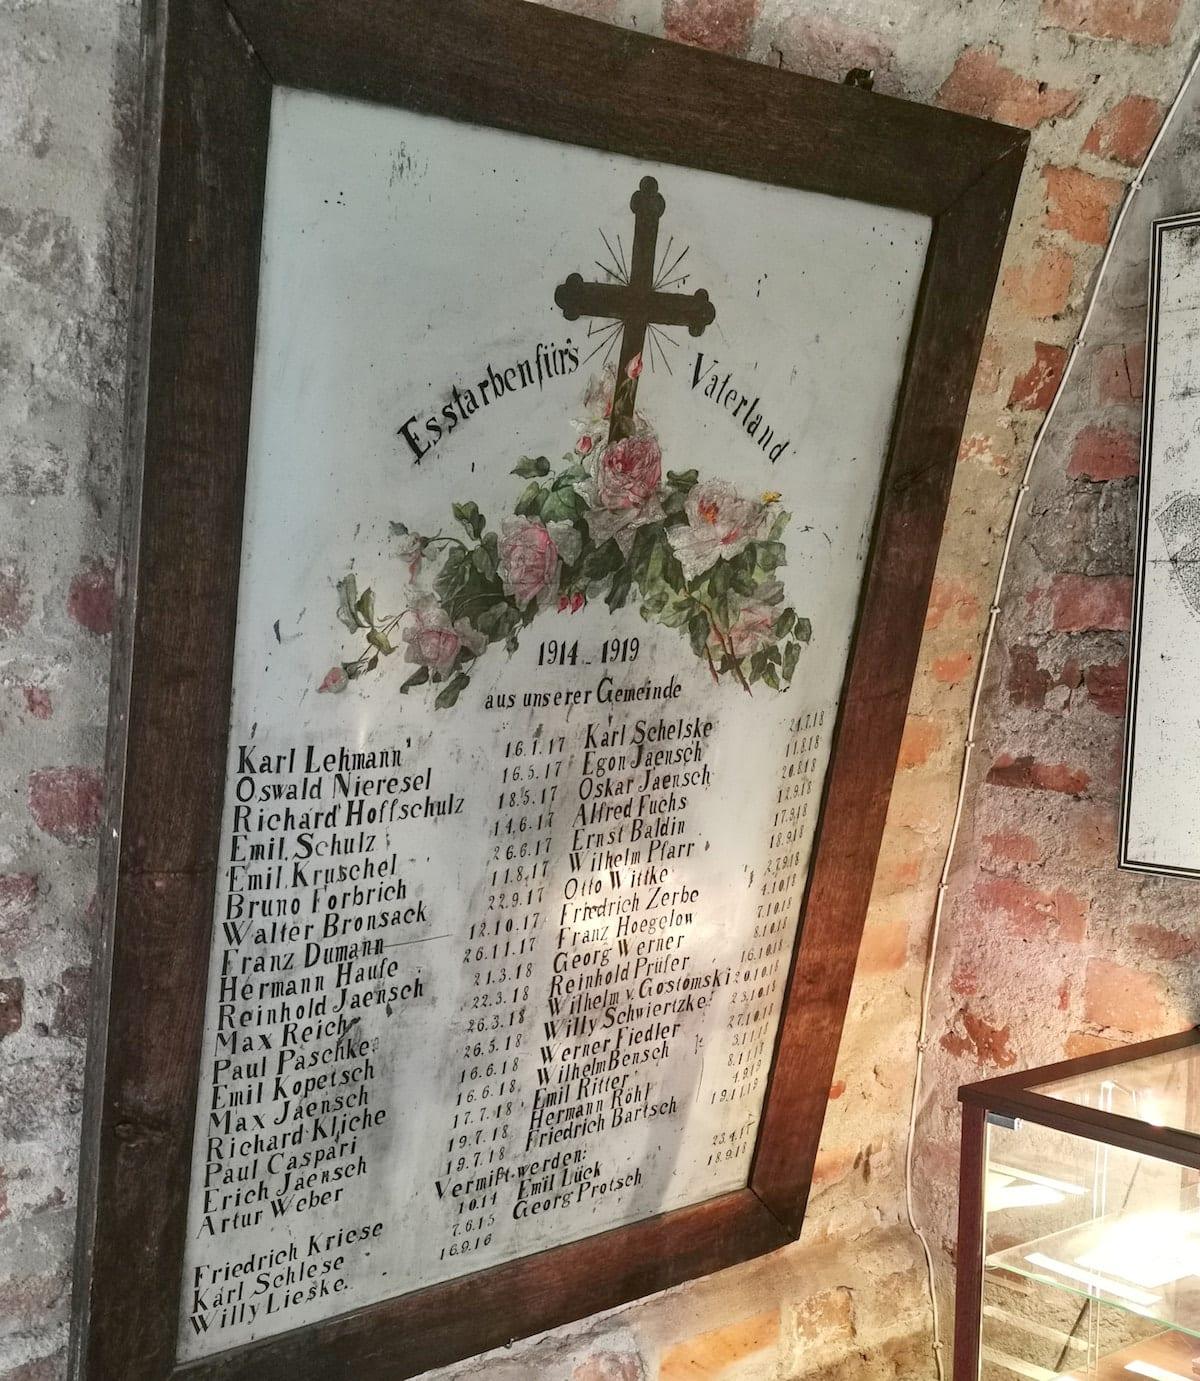 Gedenktafel im Museum in Sieraków. Foto: Beate Ziehres, Reiselust-Mag